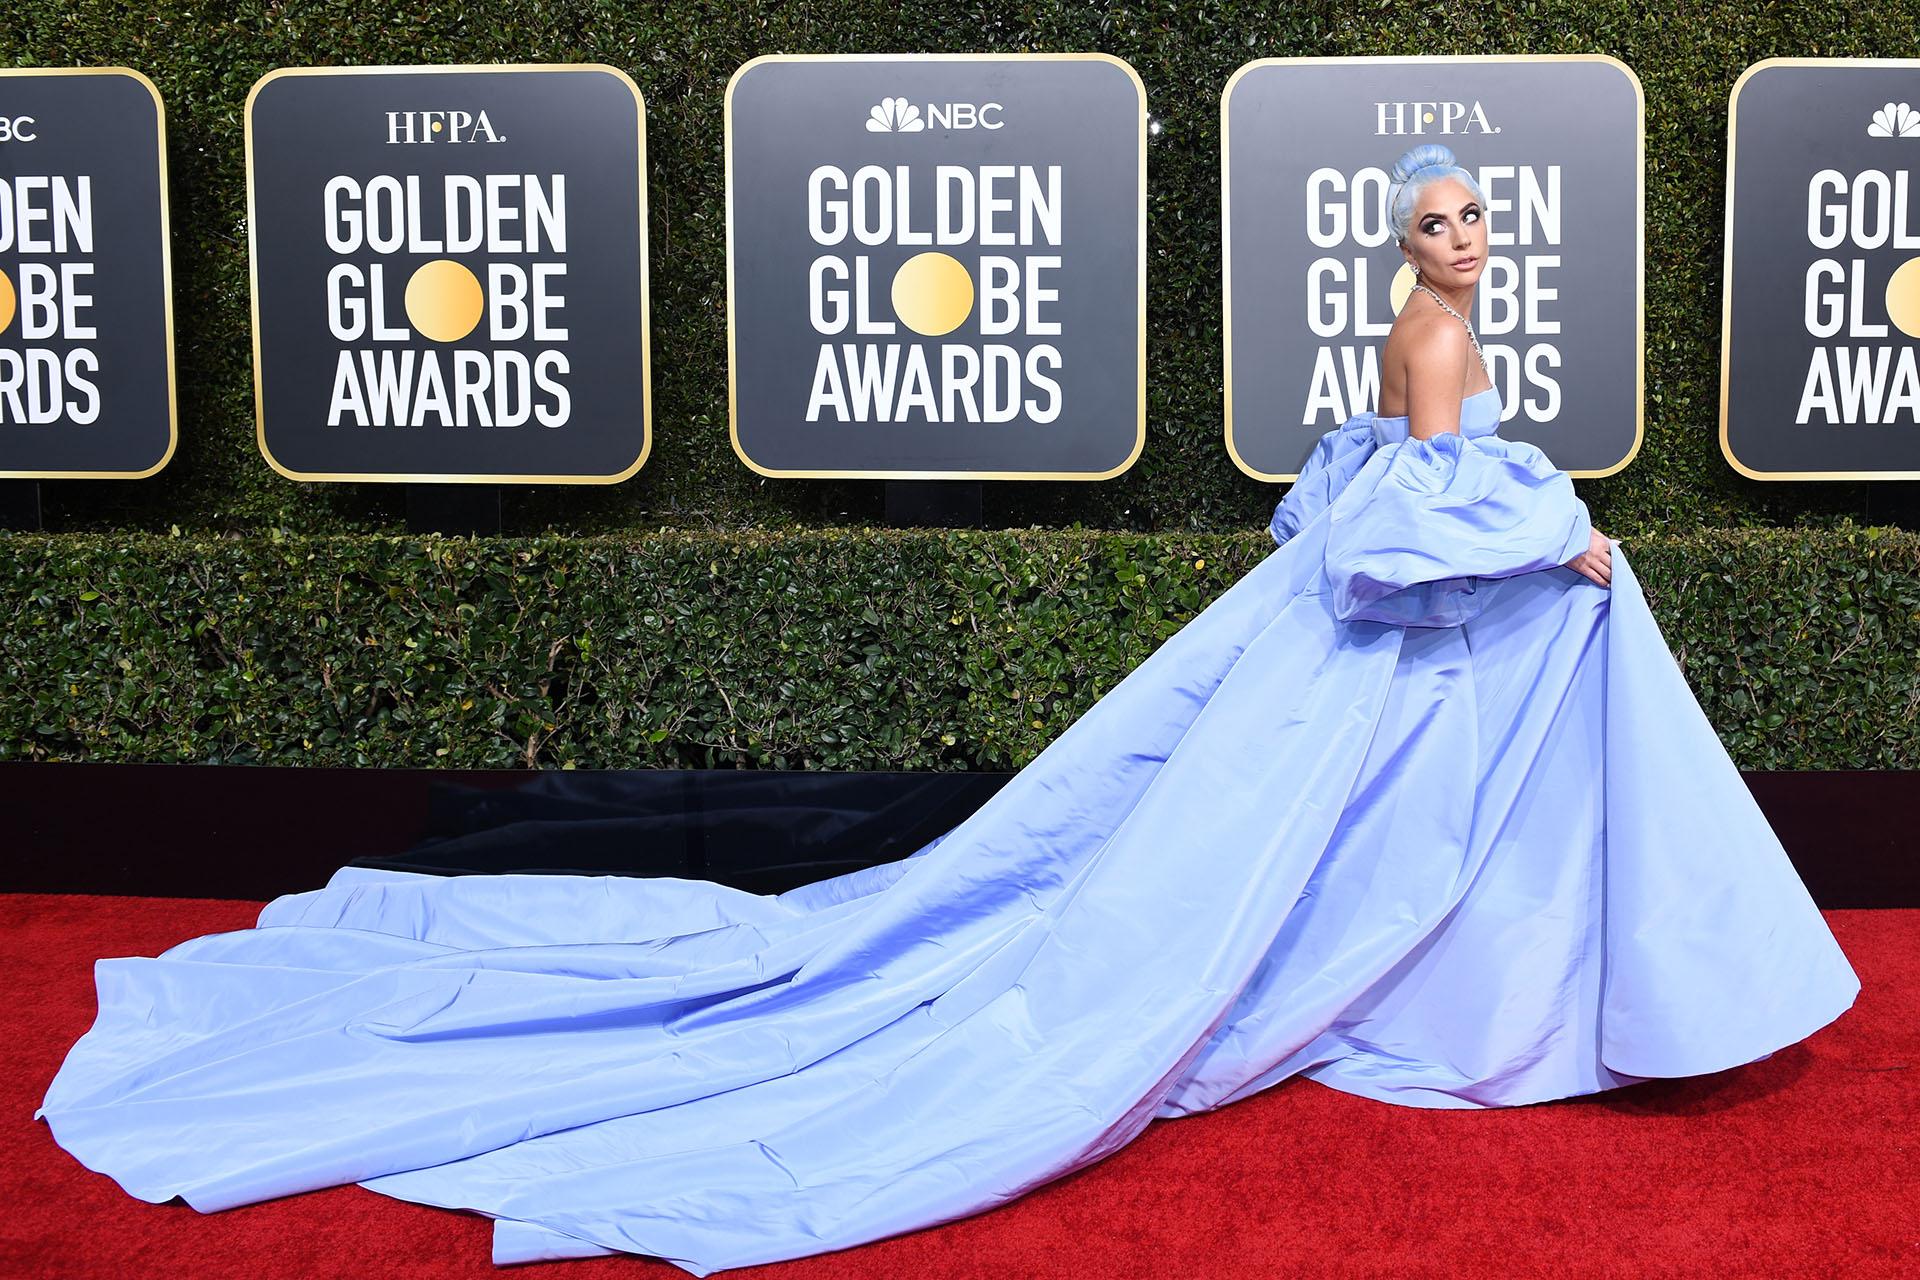 Lady Gaga nominada como mejor actriz, se lució en la red carpet de los Golden Globes con un voluptuoso e imponente vestido celeste. Con mangas acampanadas y escote strapless, acompañó los metros de cola del vestido con su cabello celeste